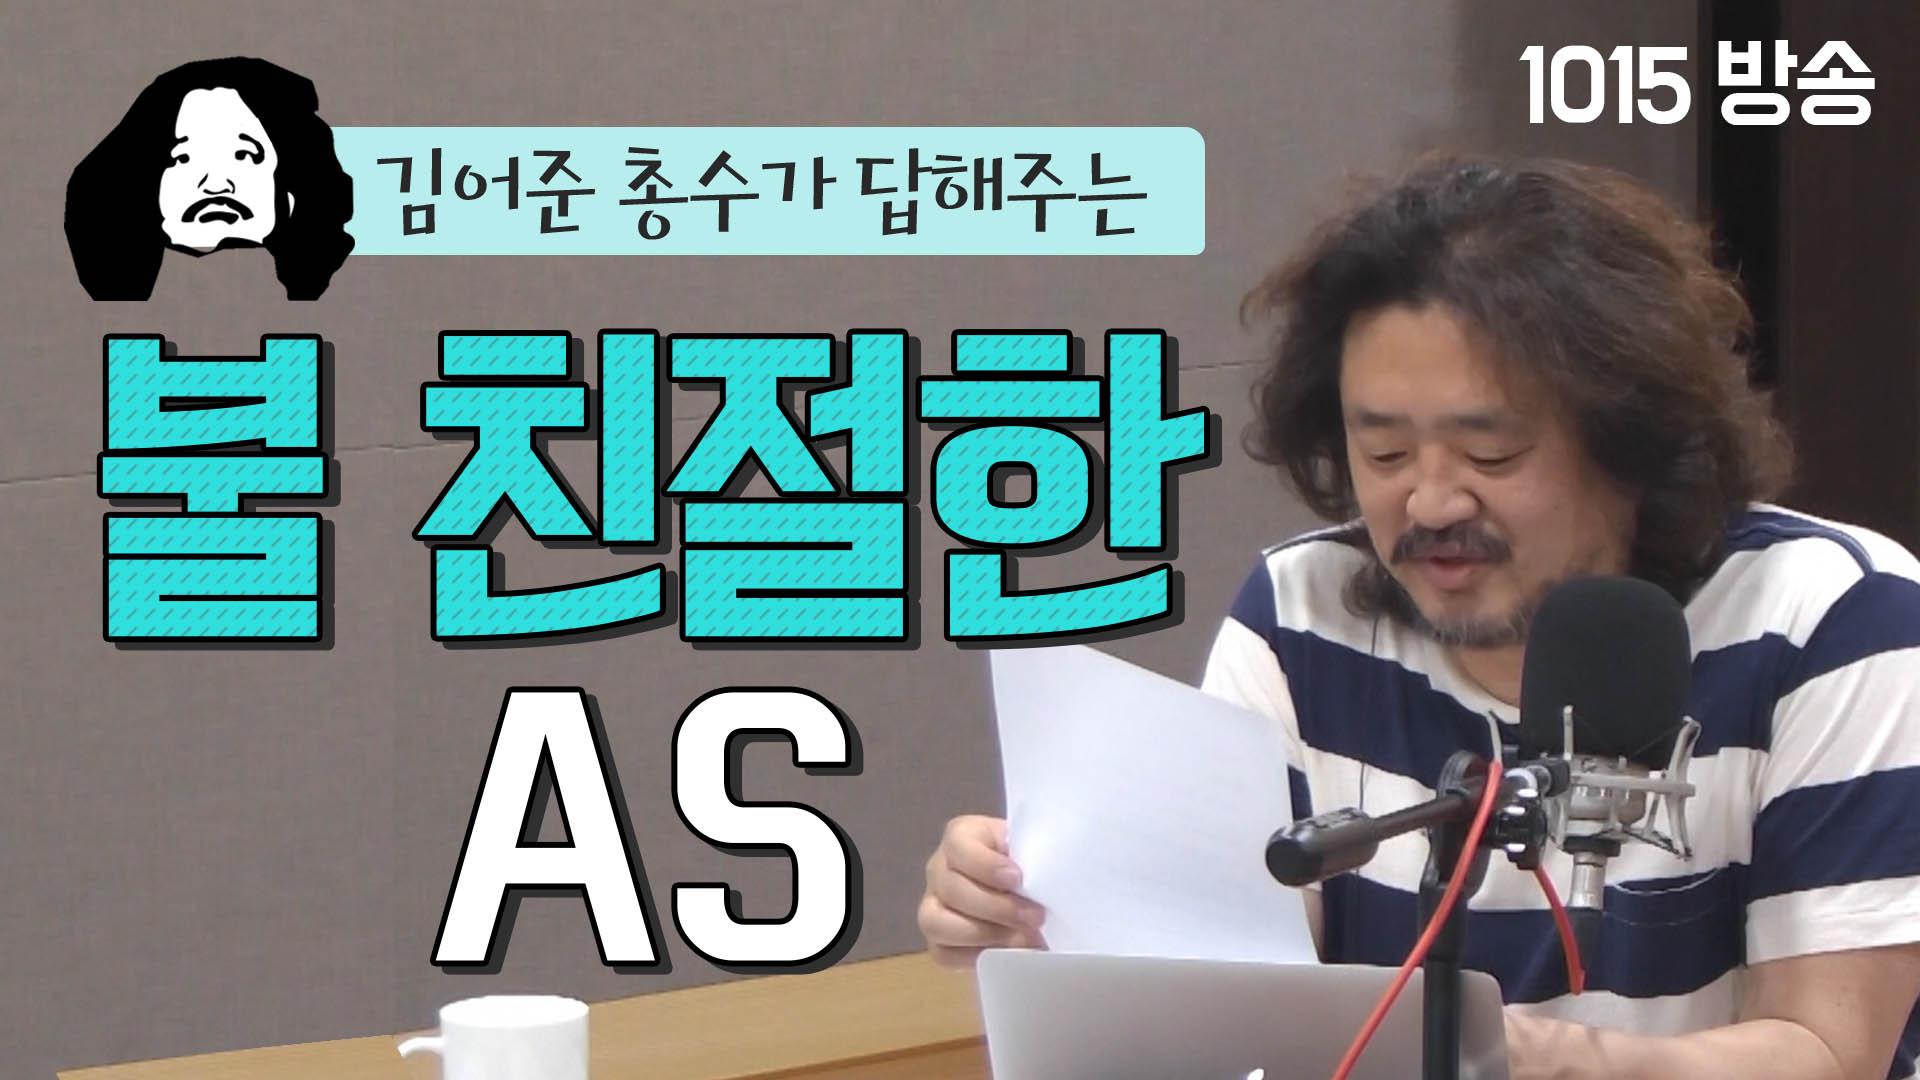 김어준의 뉴스공장 / 불 친절한 AS] 조성렬 교수님과 최배근 교수님 목소리가 비슷하다?!